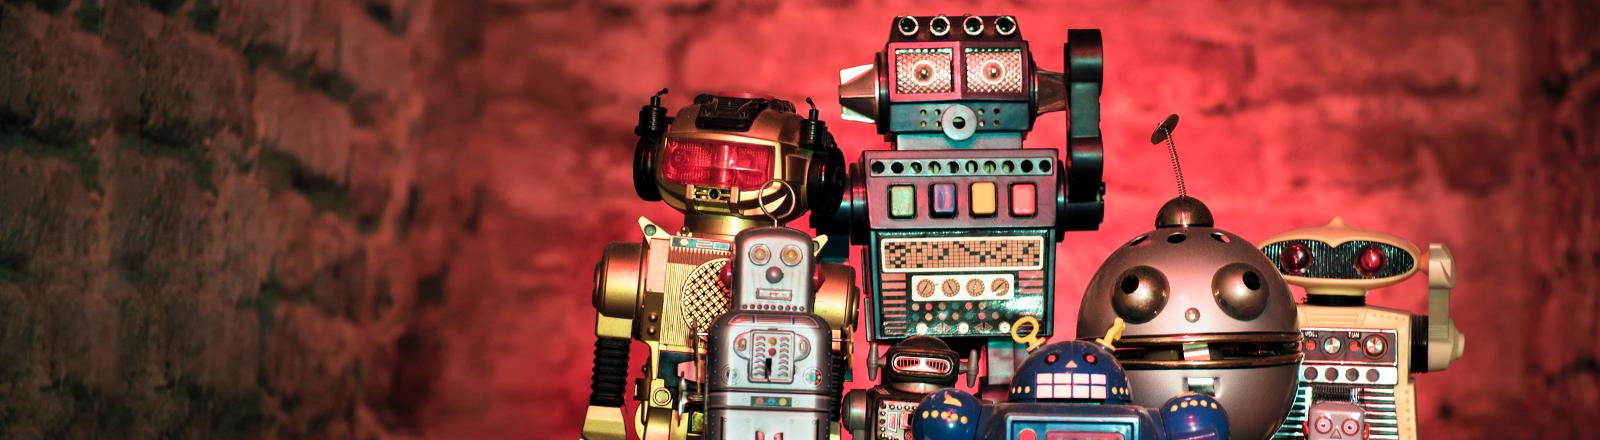 Roboter stehen nebeneinander.